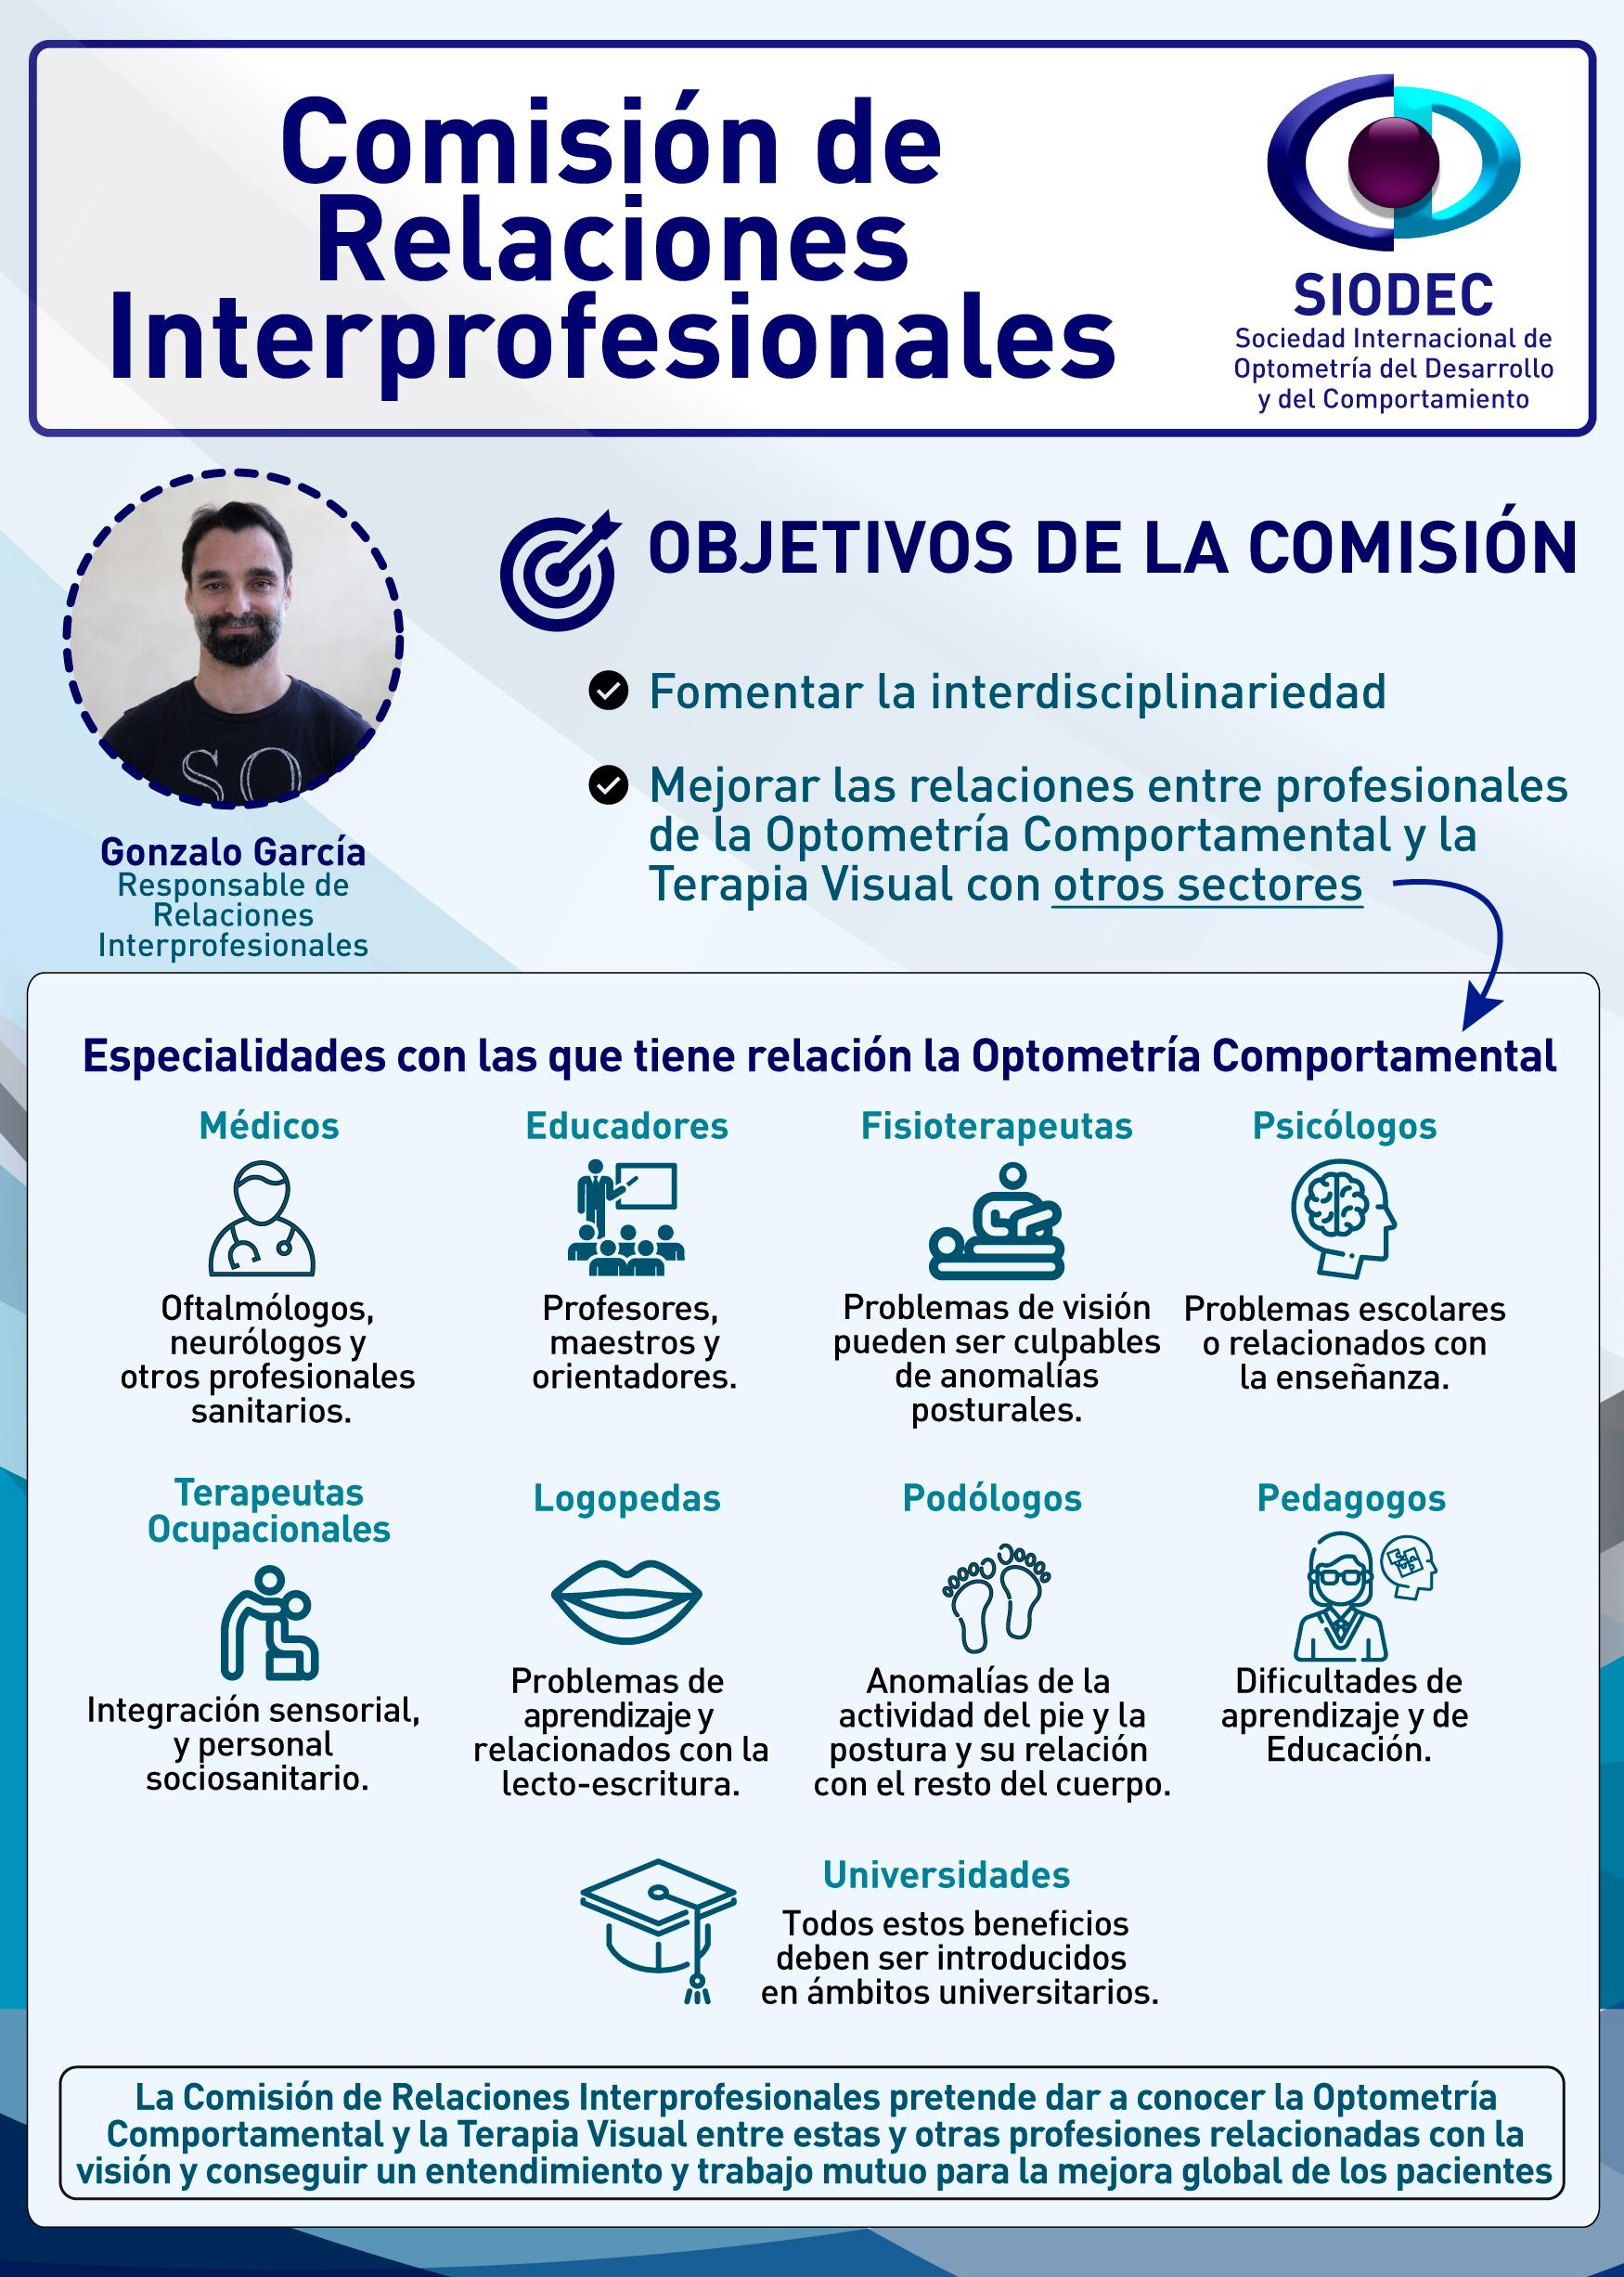 Comisión de Relaciones Interprofesionales